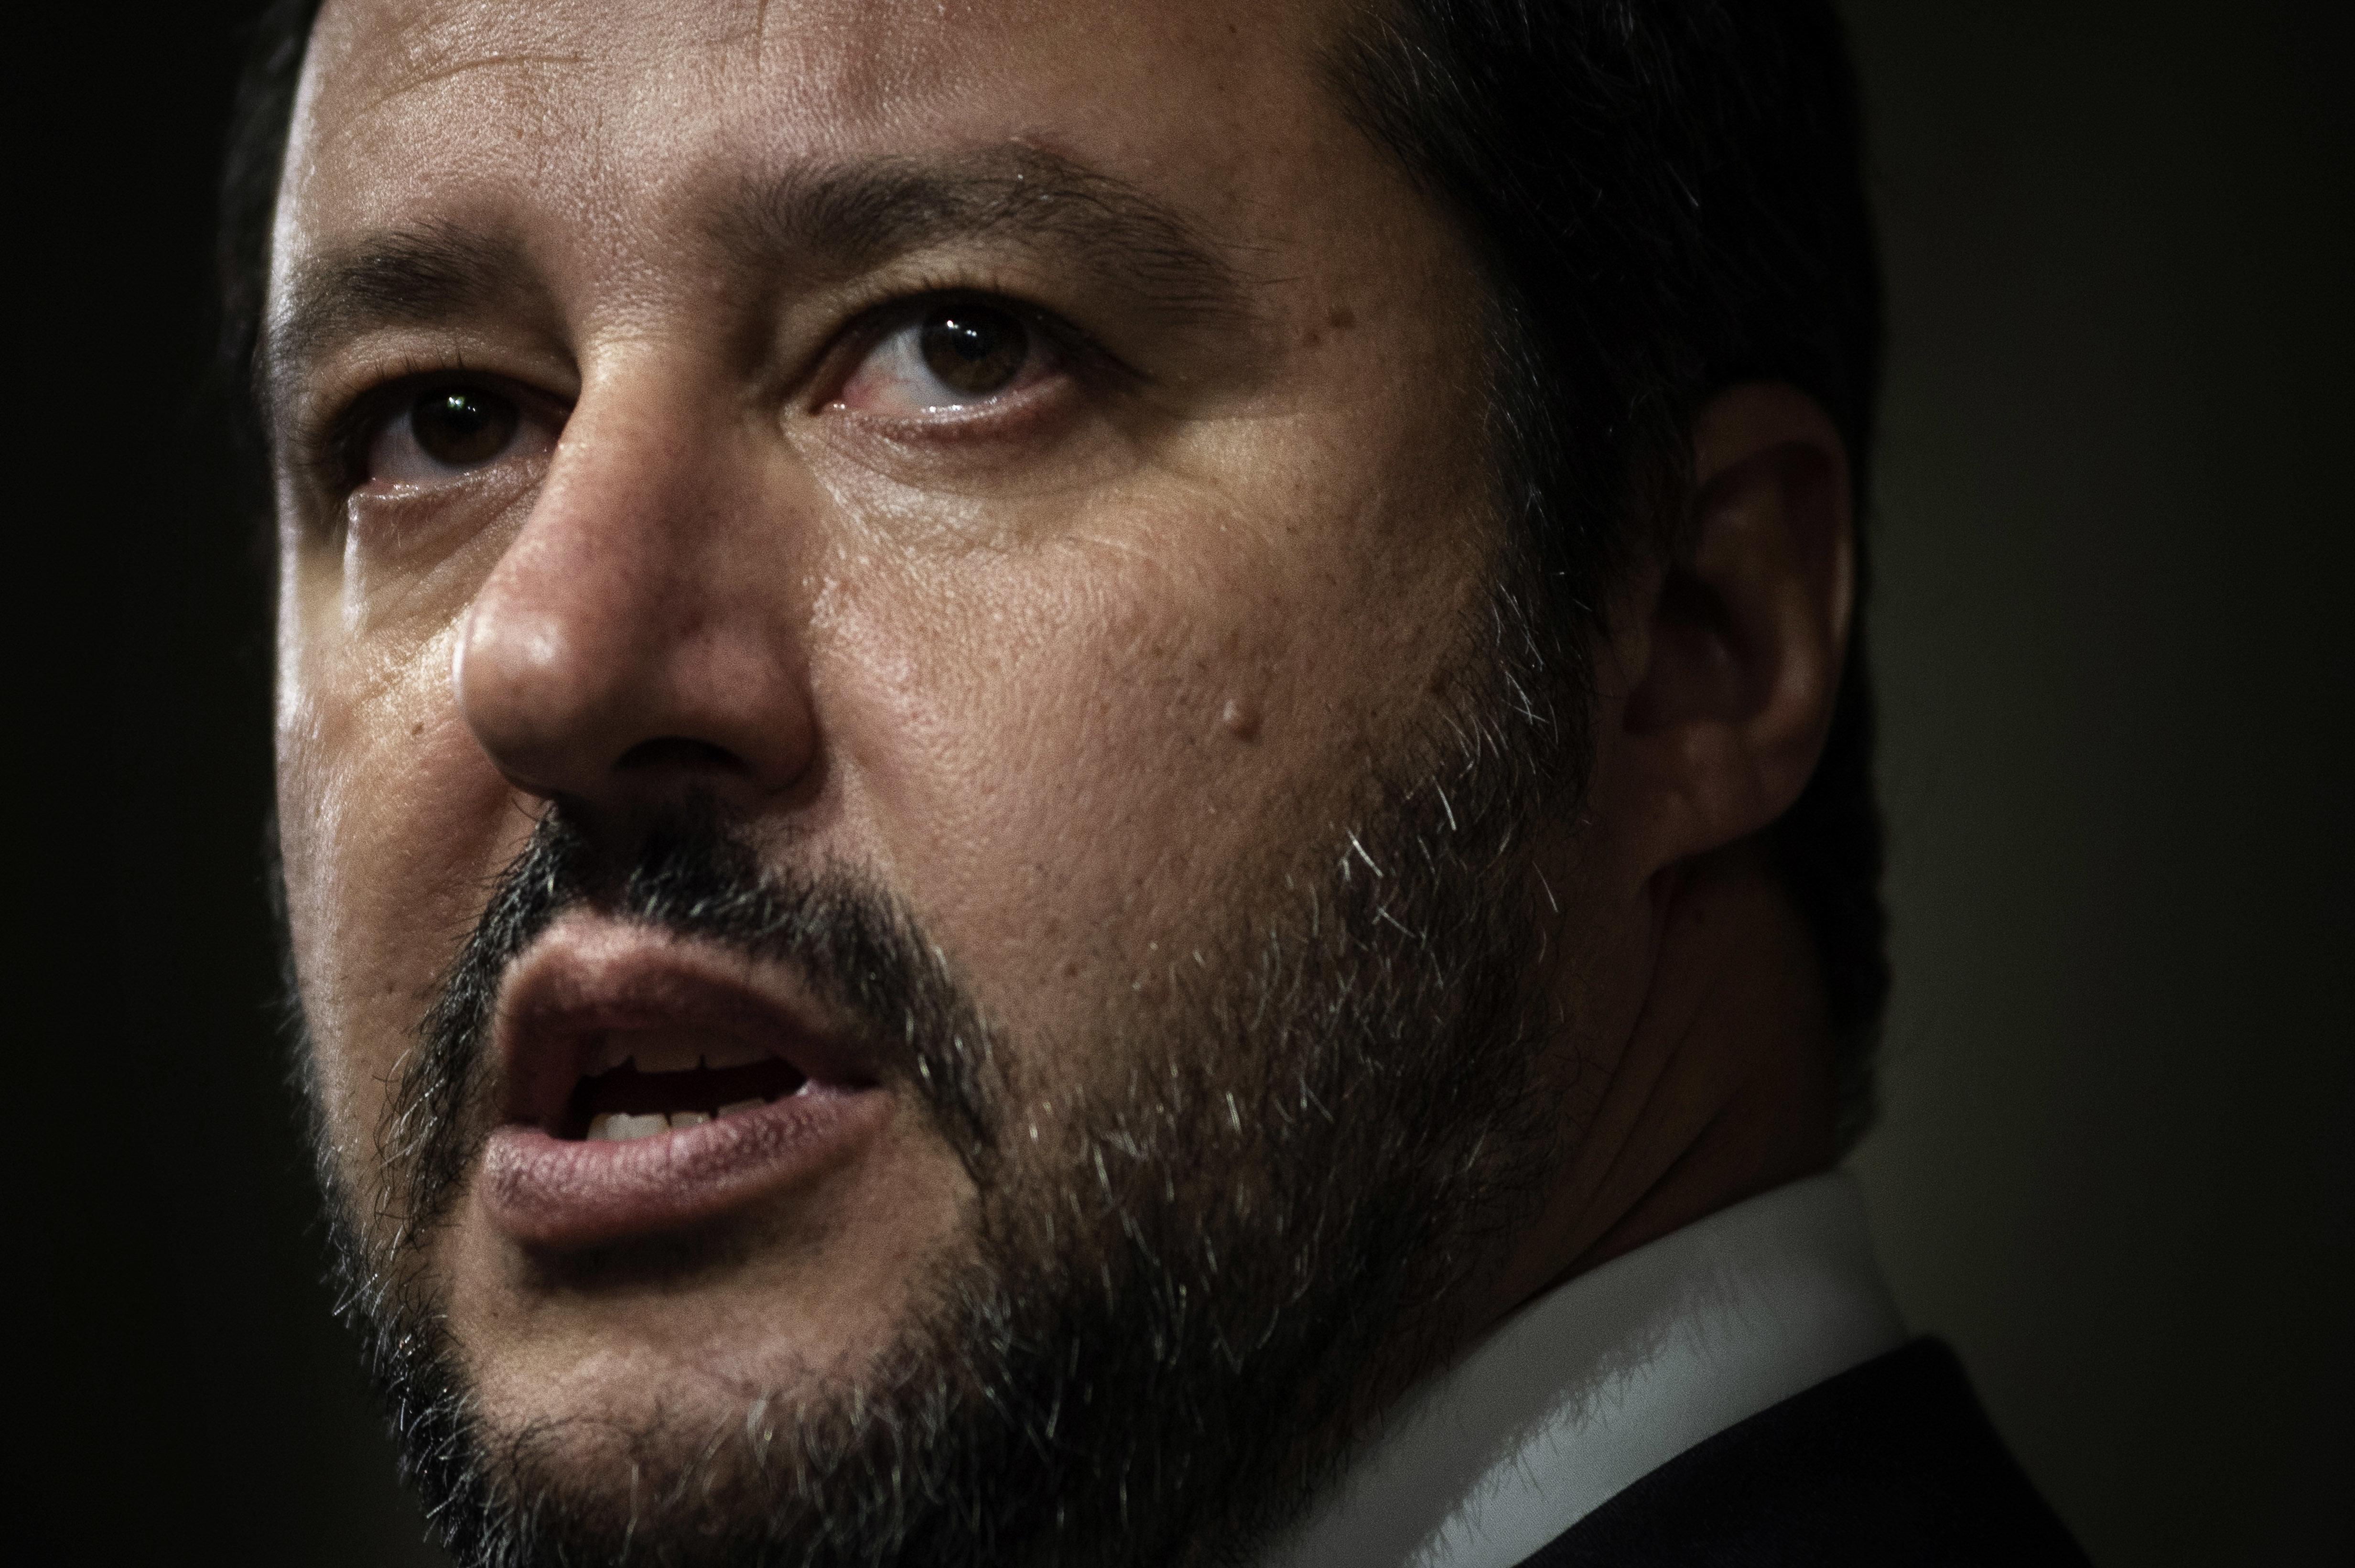 극우와 반기성정치 정당이 연정을 이뤄 이탈리아 정권을 교체한다